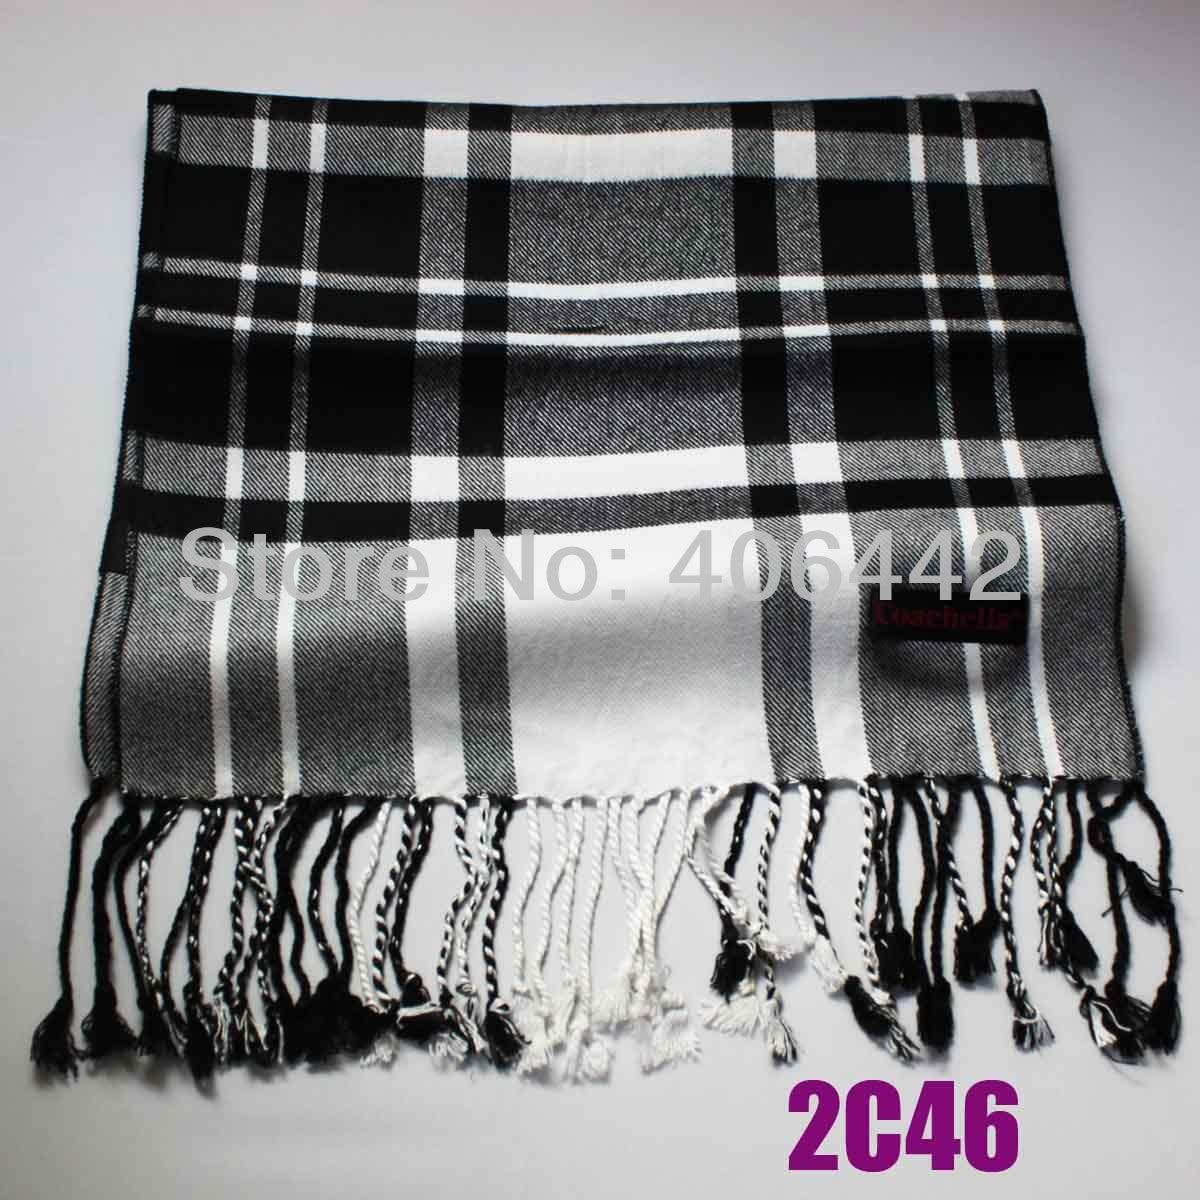 coachella gris con blanco negro plaid grids bufanda larga con flecos de viscosa suave bufanda de invierno de los hombresde las